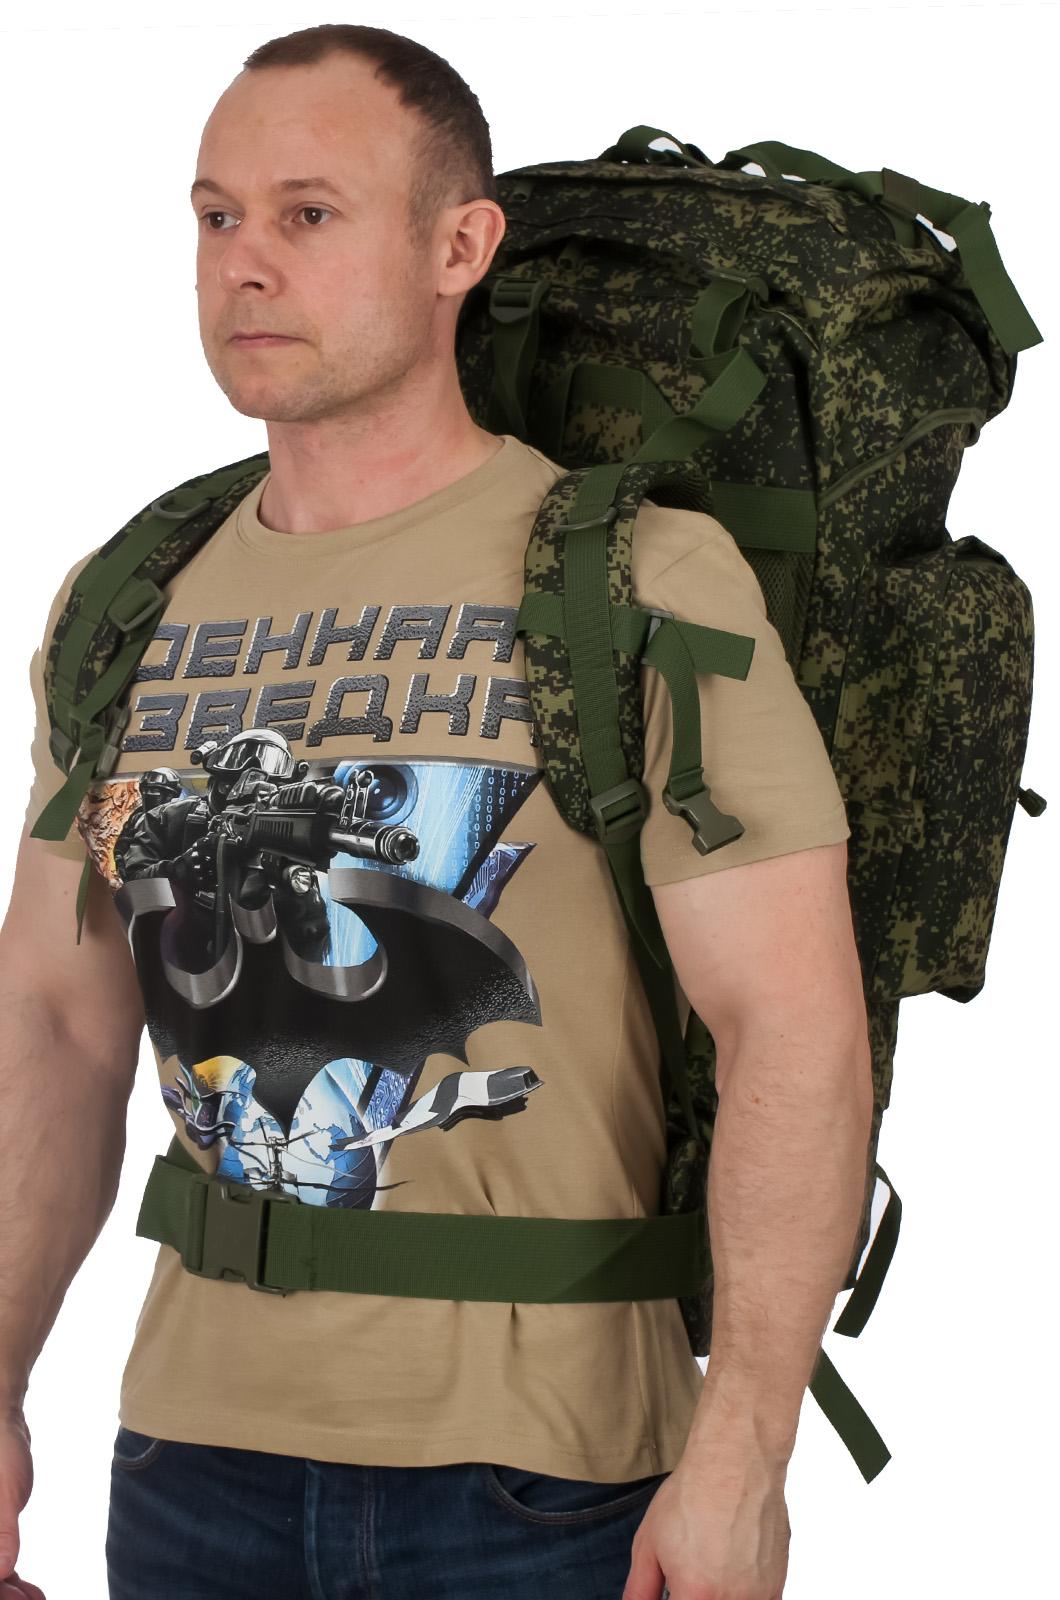 Недорогое тактическое снаряжение спецназовцев: сумки, подсумки, рюкзаки